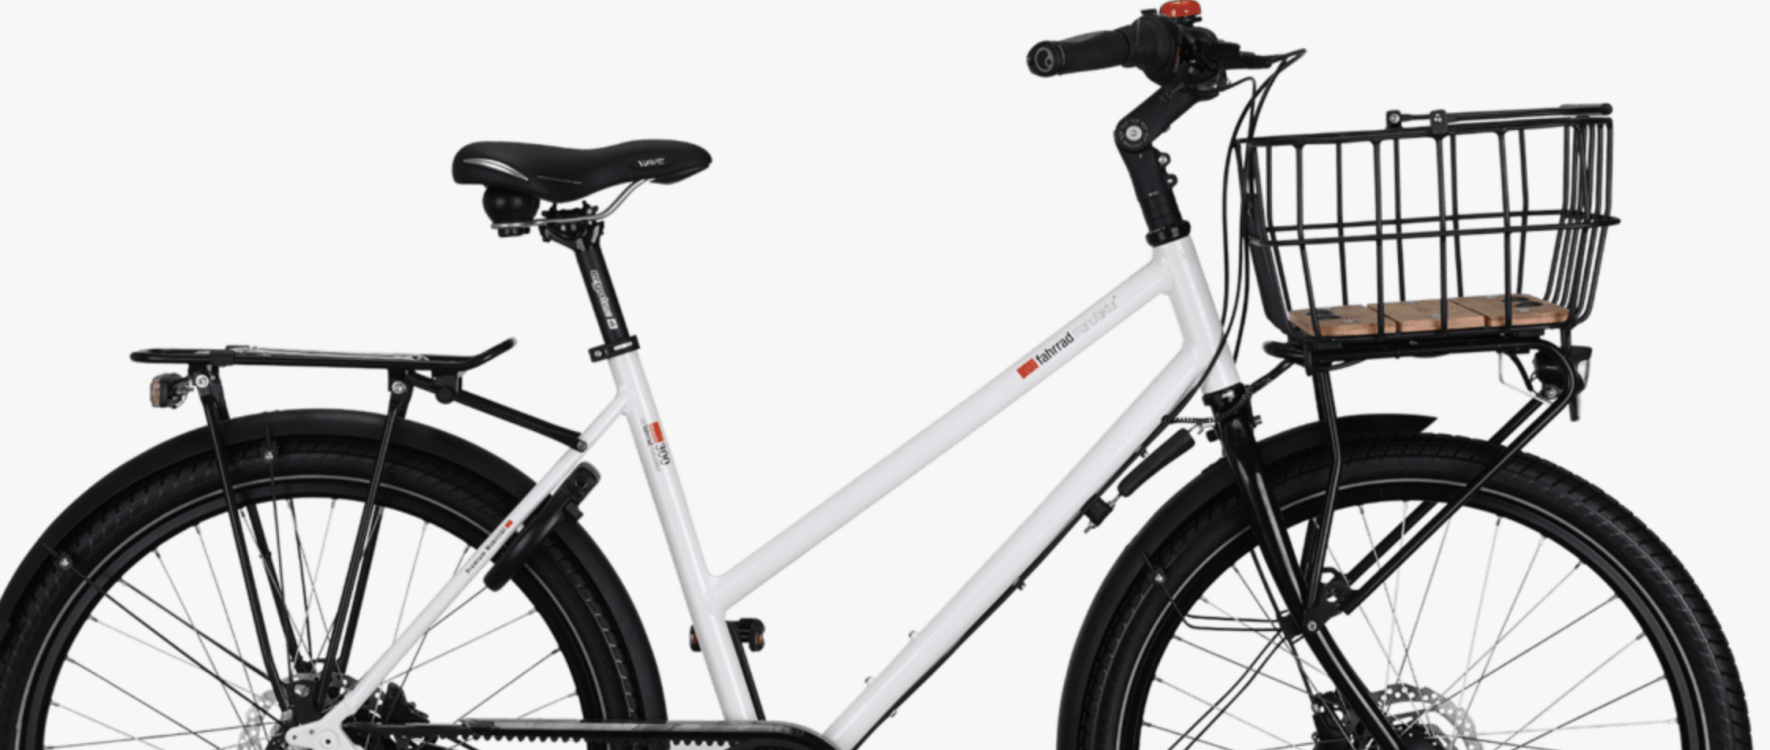 VSF Fahrradmanufaktur T-300C Disc 26